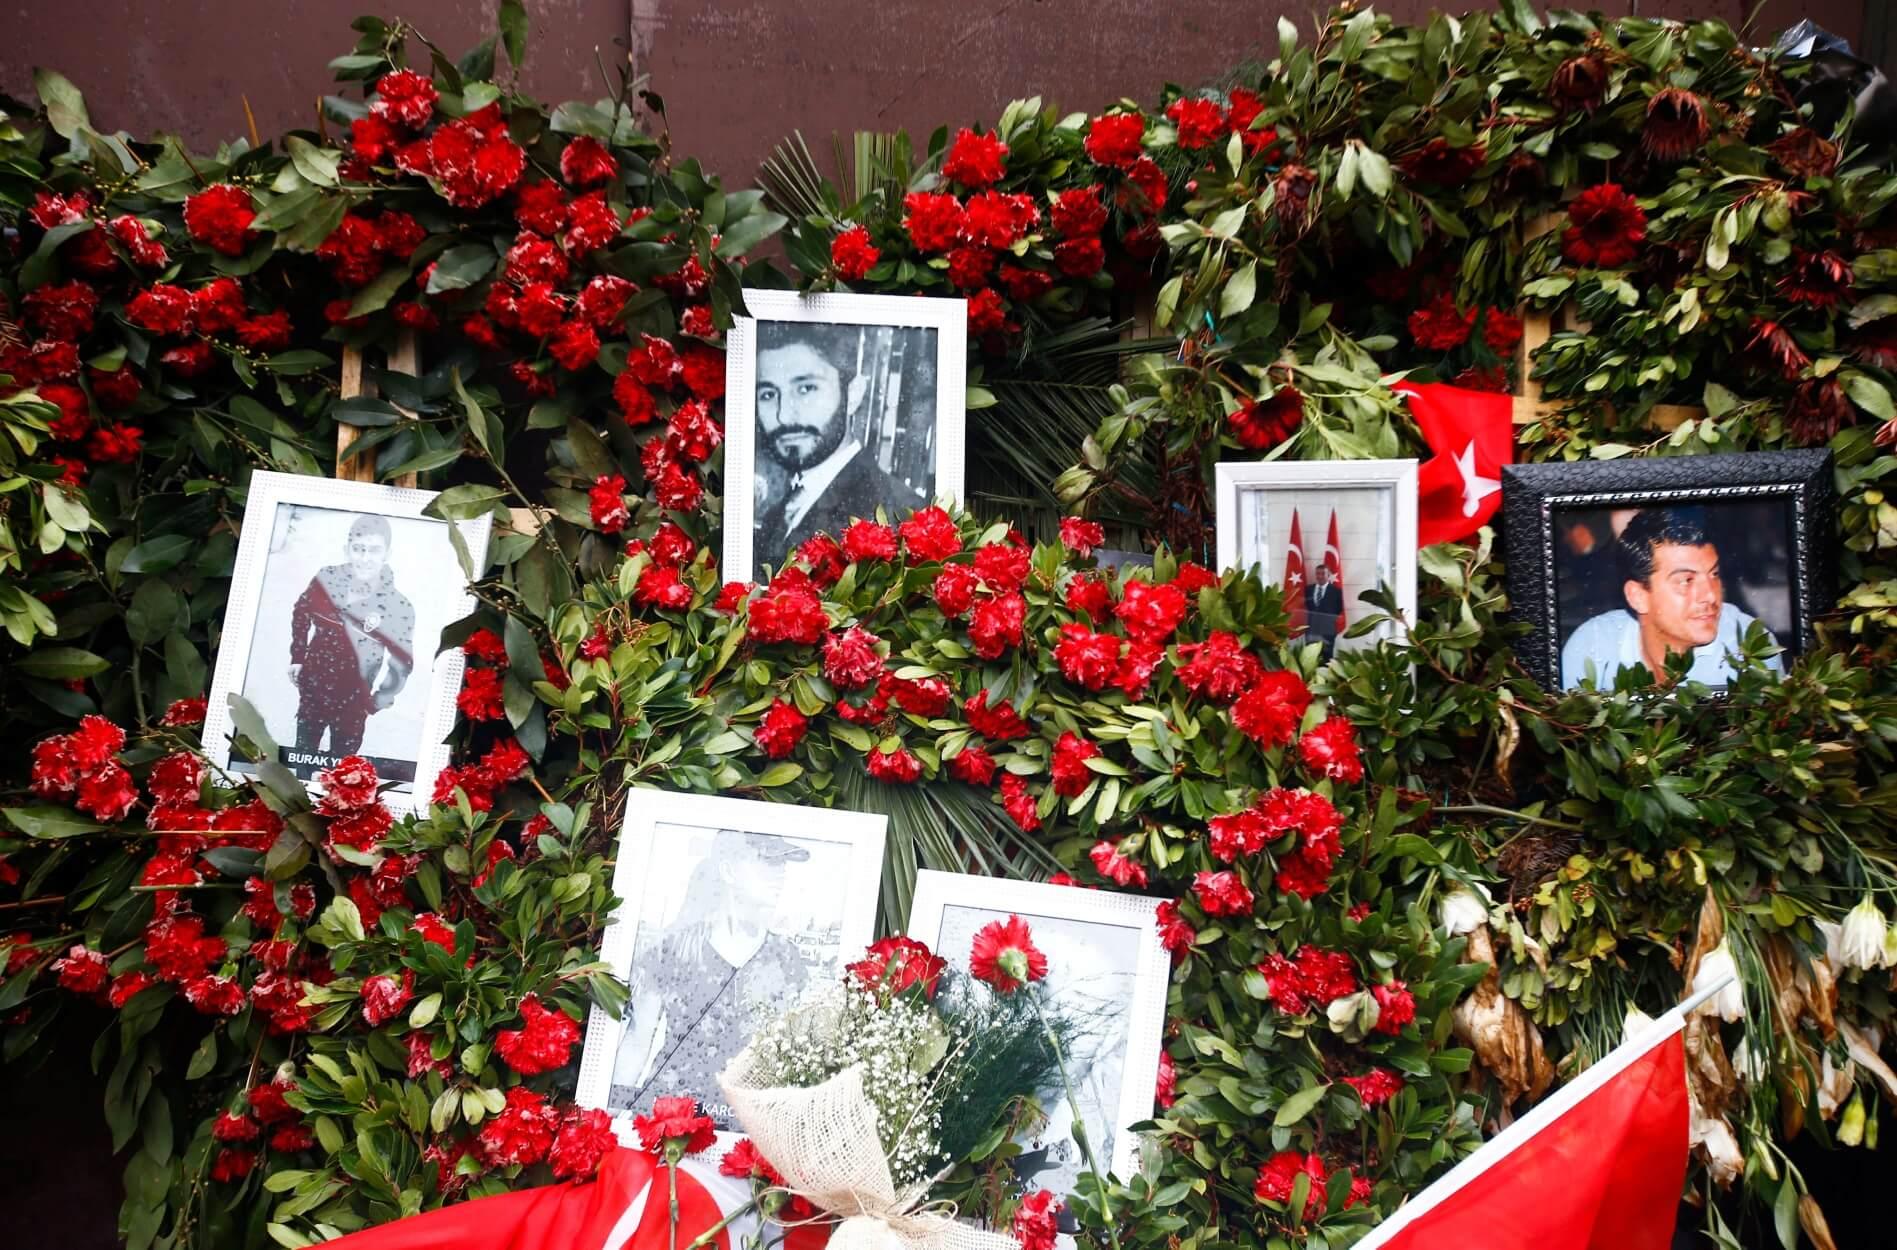 Τουρκία: Ισόβια στον δράστη της επίθεσης στο κλαμπ Reina στην Κωνσταντινούπολη